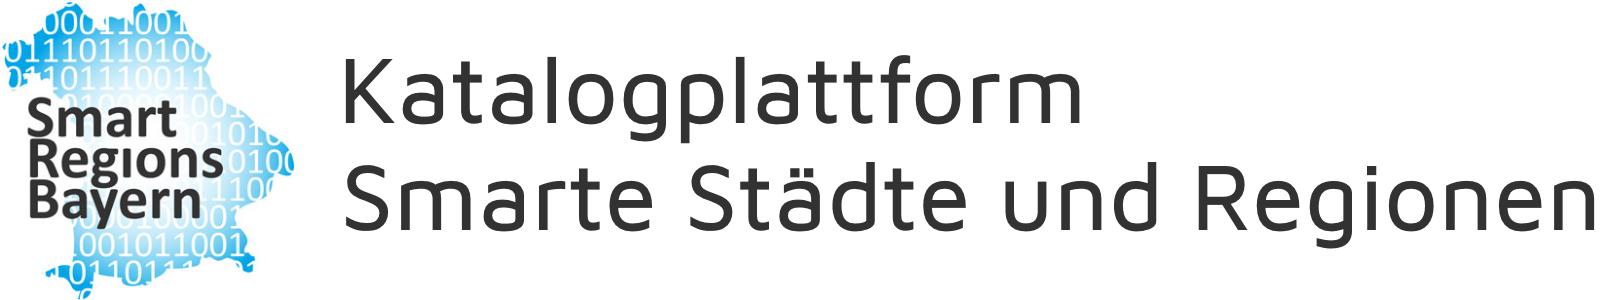 Katalogplattform Smarte Städte und Regionen Bayern